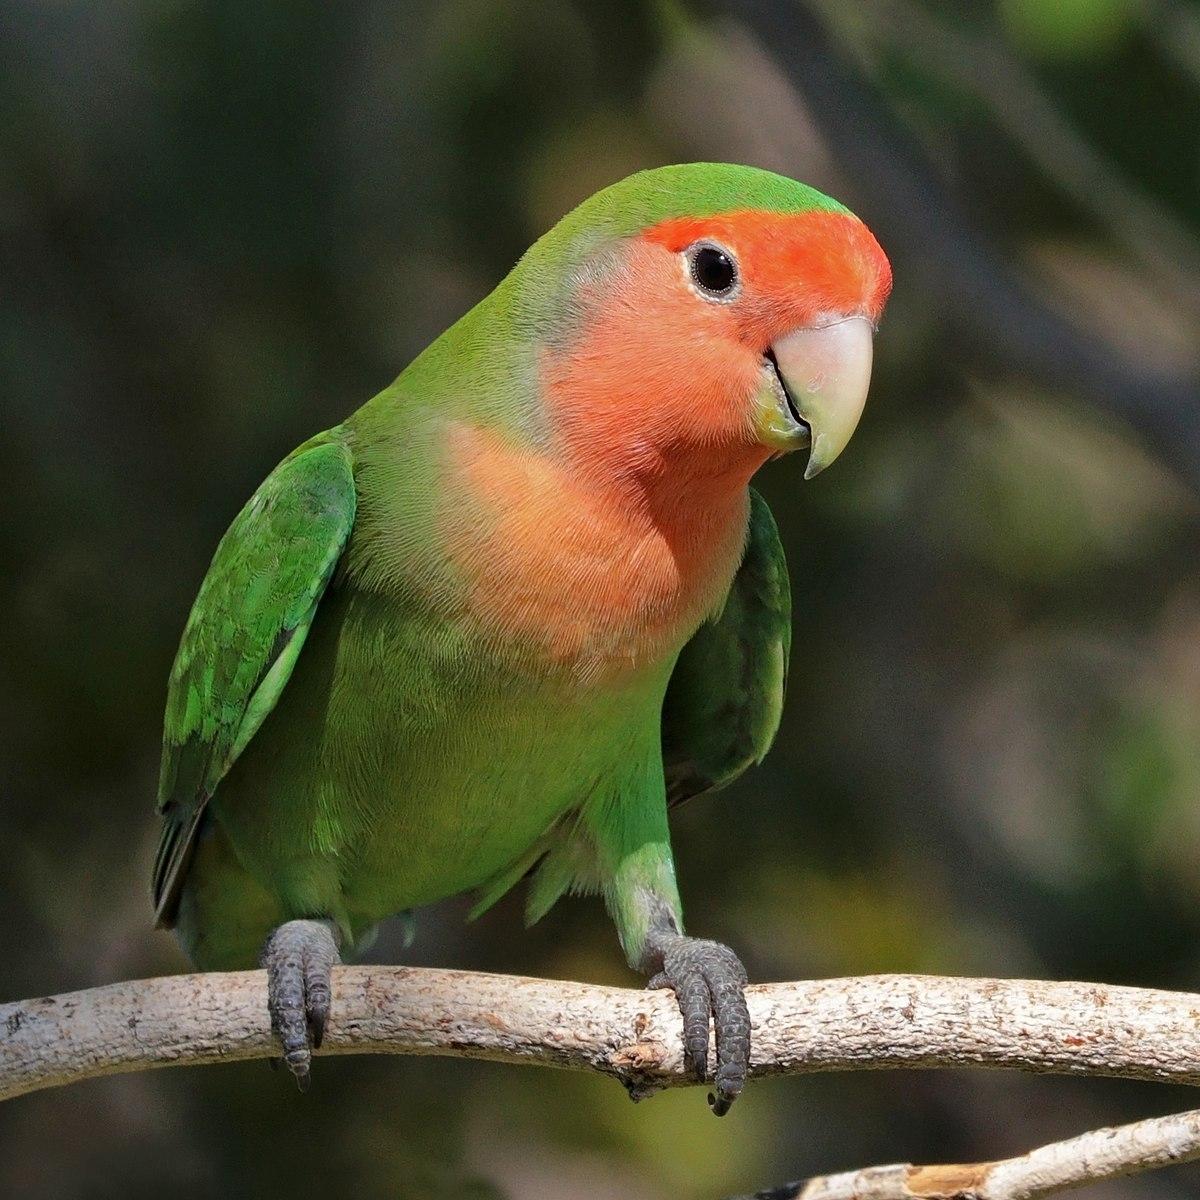 rosy-faced lovebird - wikipedia